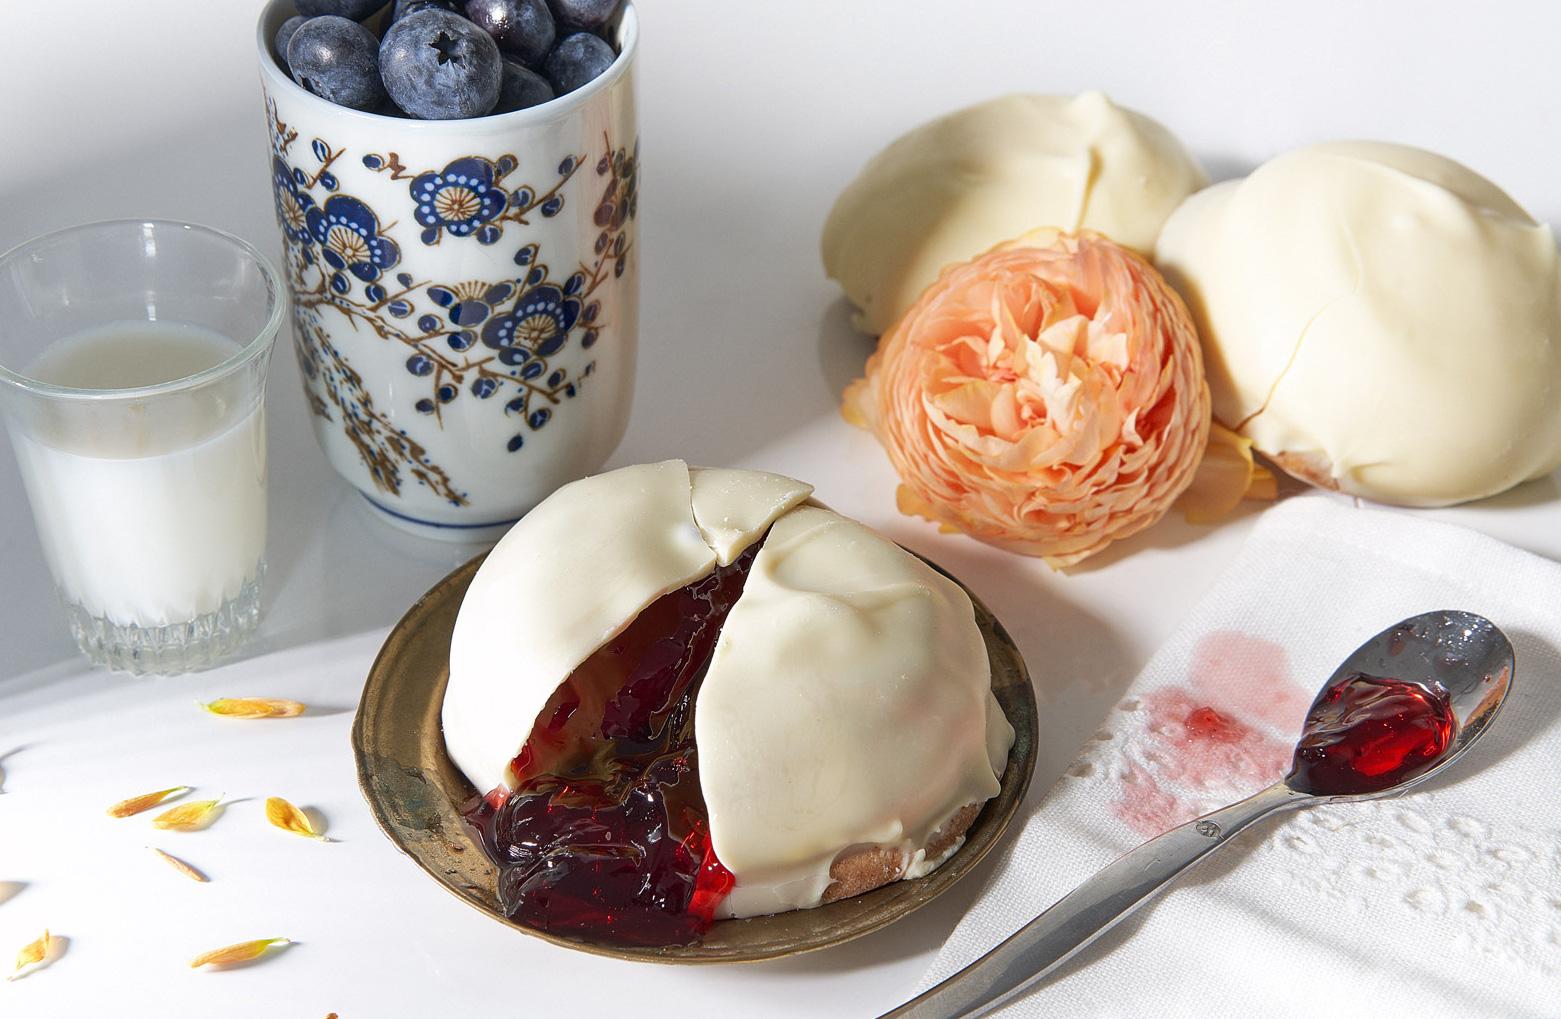 bonbons-mellow-cake-meringue-gateaux-japonais-blueberry-bleuet-culianire-traiteur-photographe-tournai